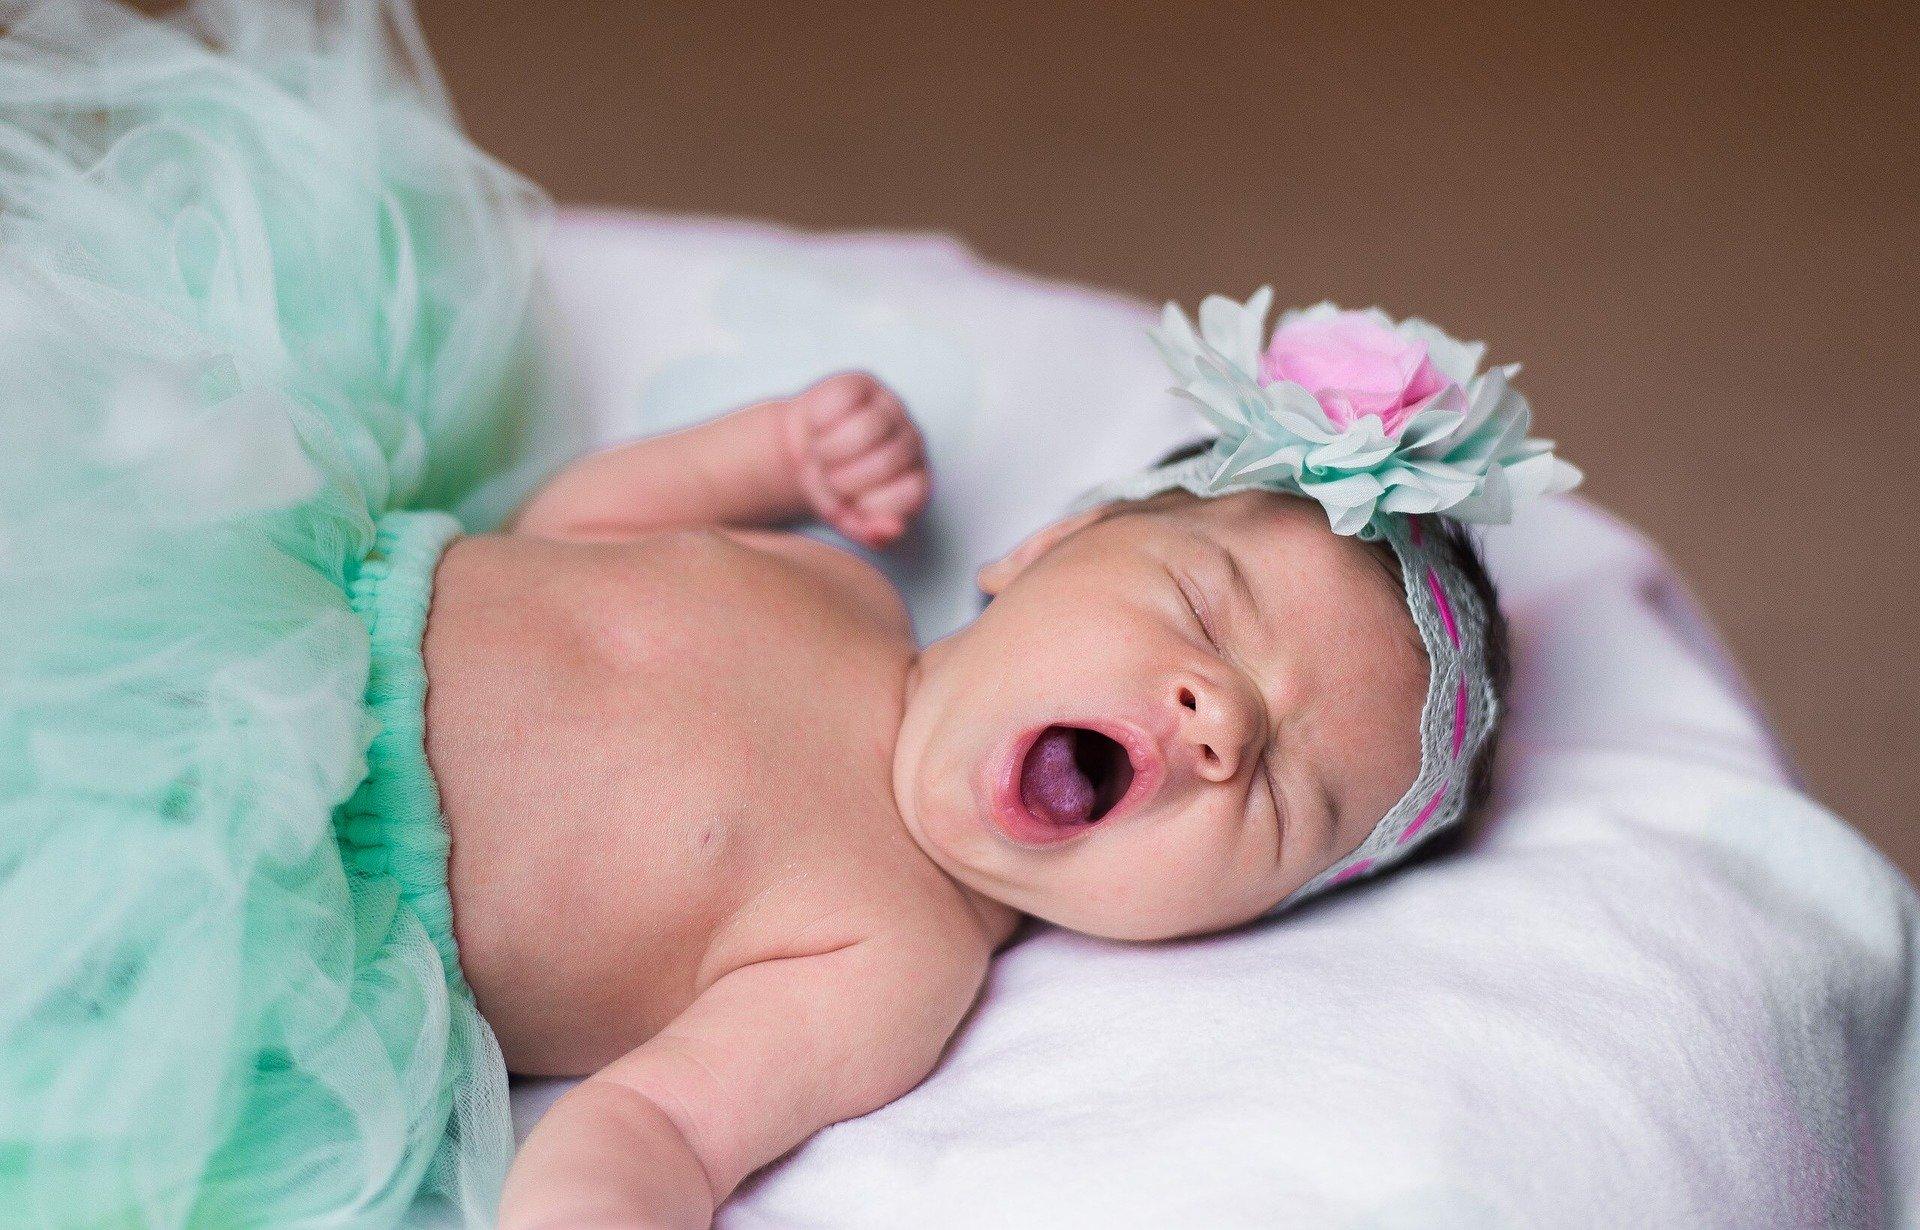 Fiocco nascita fai da te: ecco le idee più belle e originali